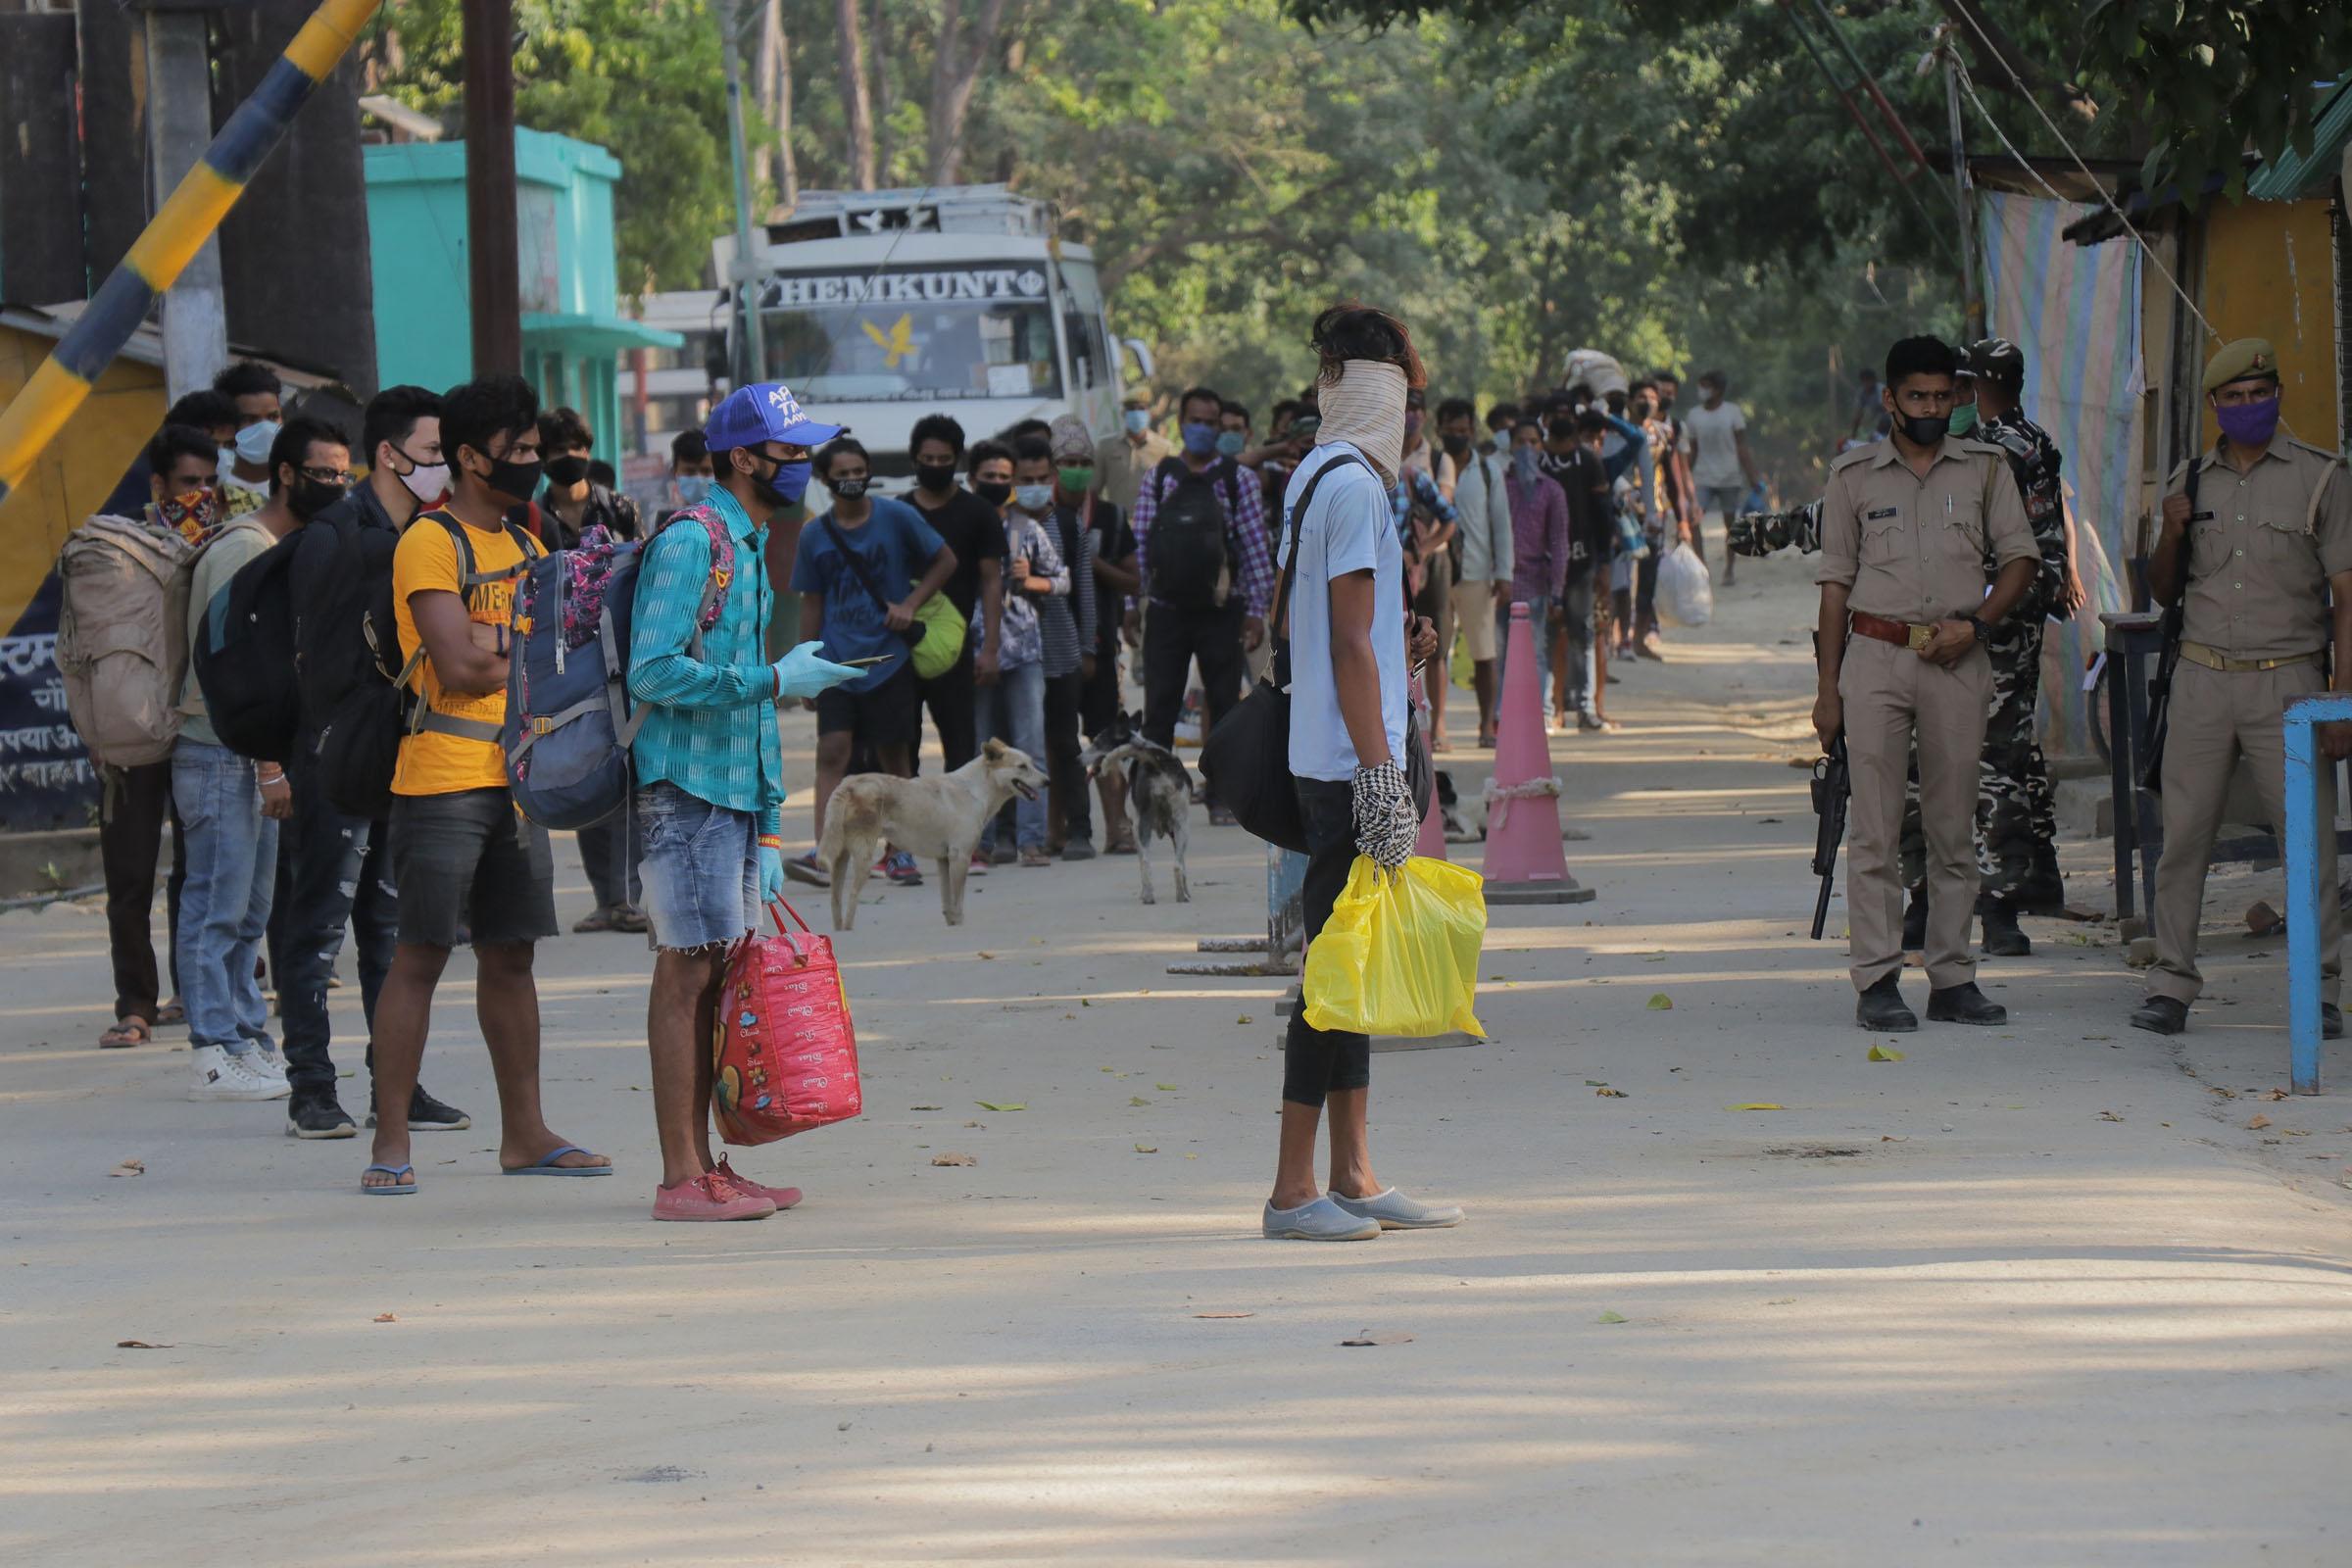 दैनिक भारतबाट भित्रिँदै : जिल्लामा त्रास बढ्दो